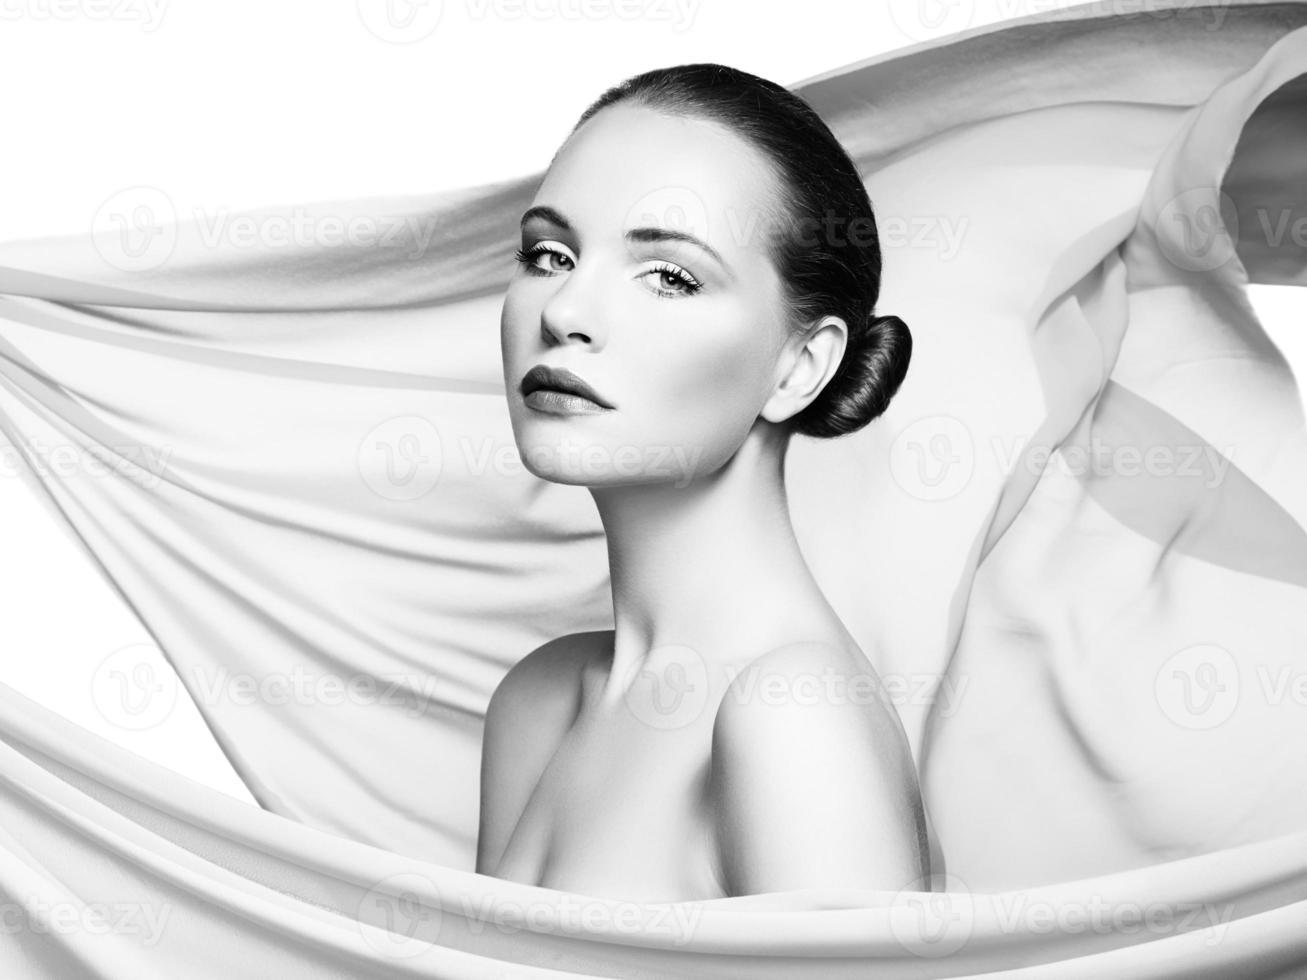 portret van jonge mooie vrouw tegen vliegende stof. schoonheid foto